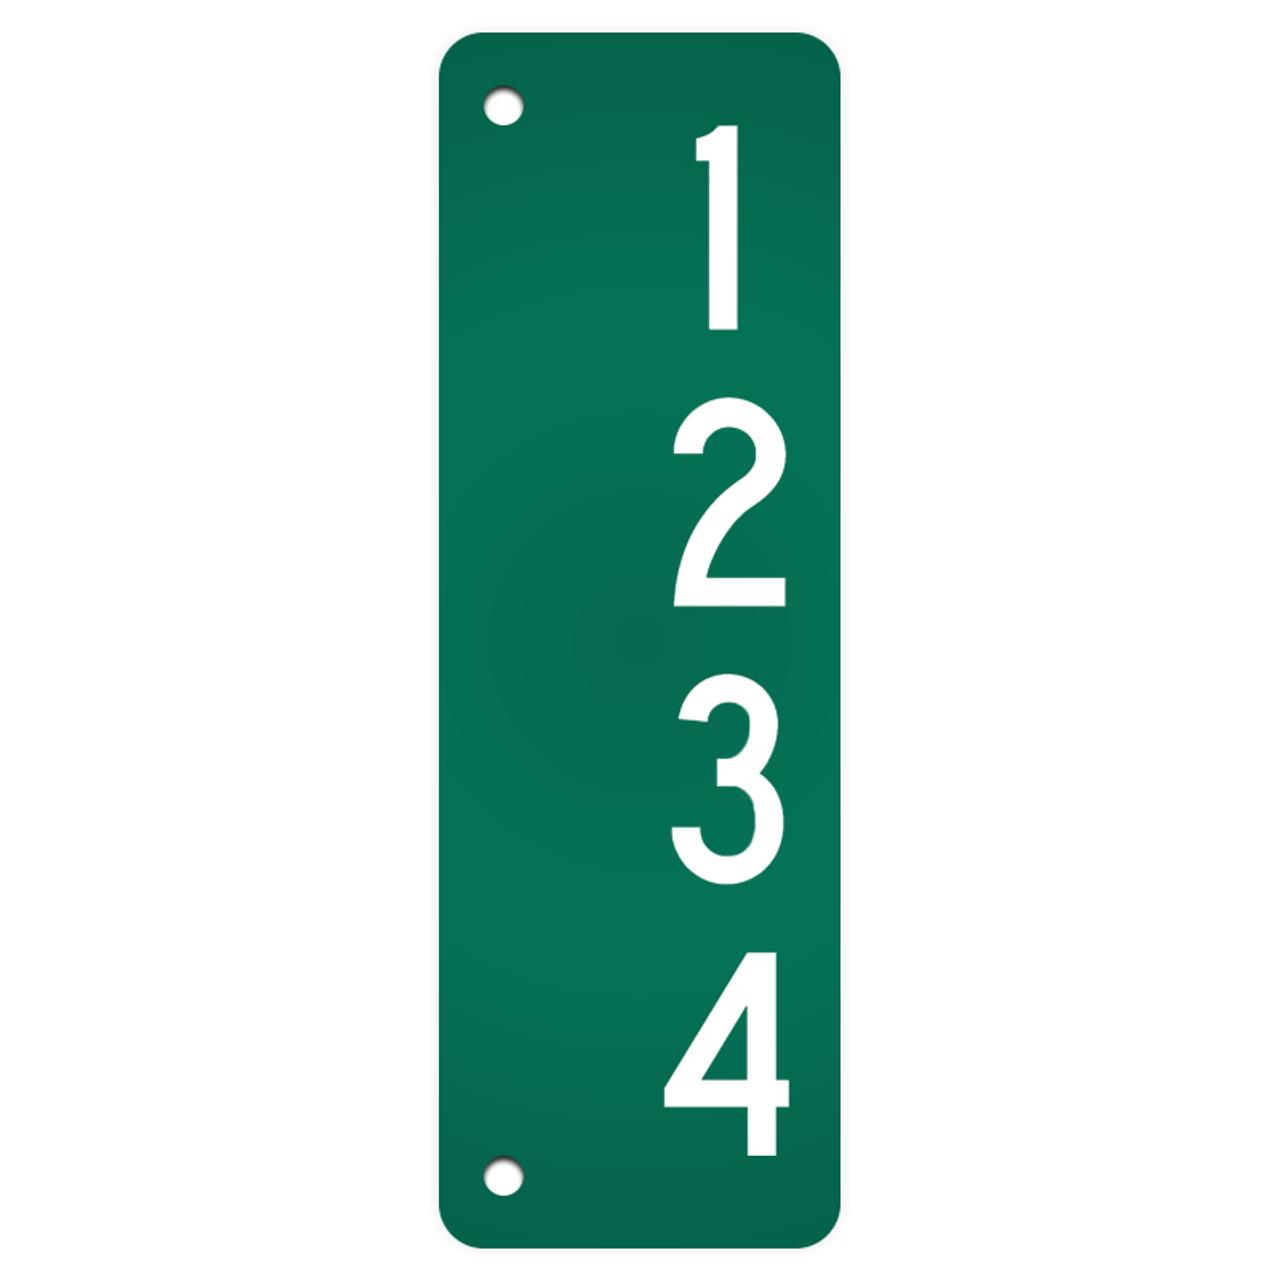 Reflective Address Sign Blanks 911 Sign Blanks Dornbos Sign Safety Inc